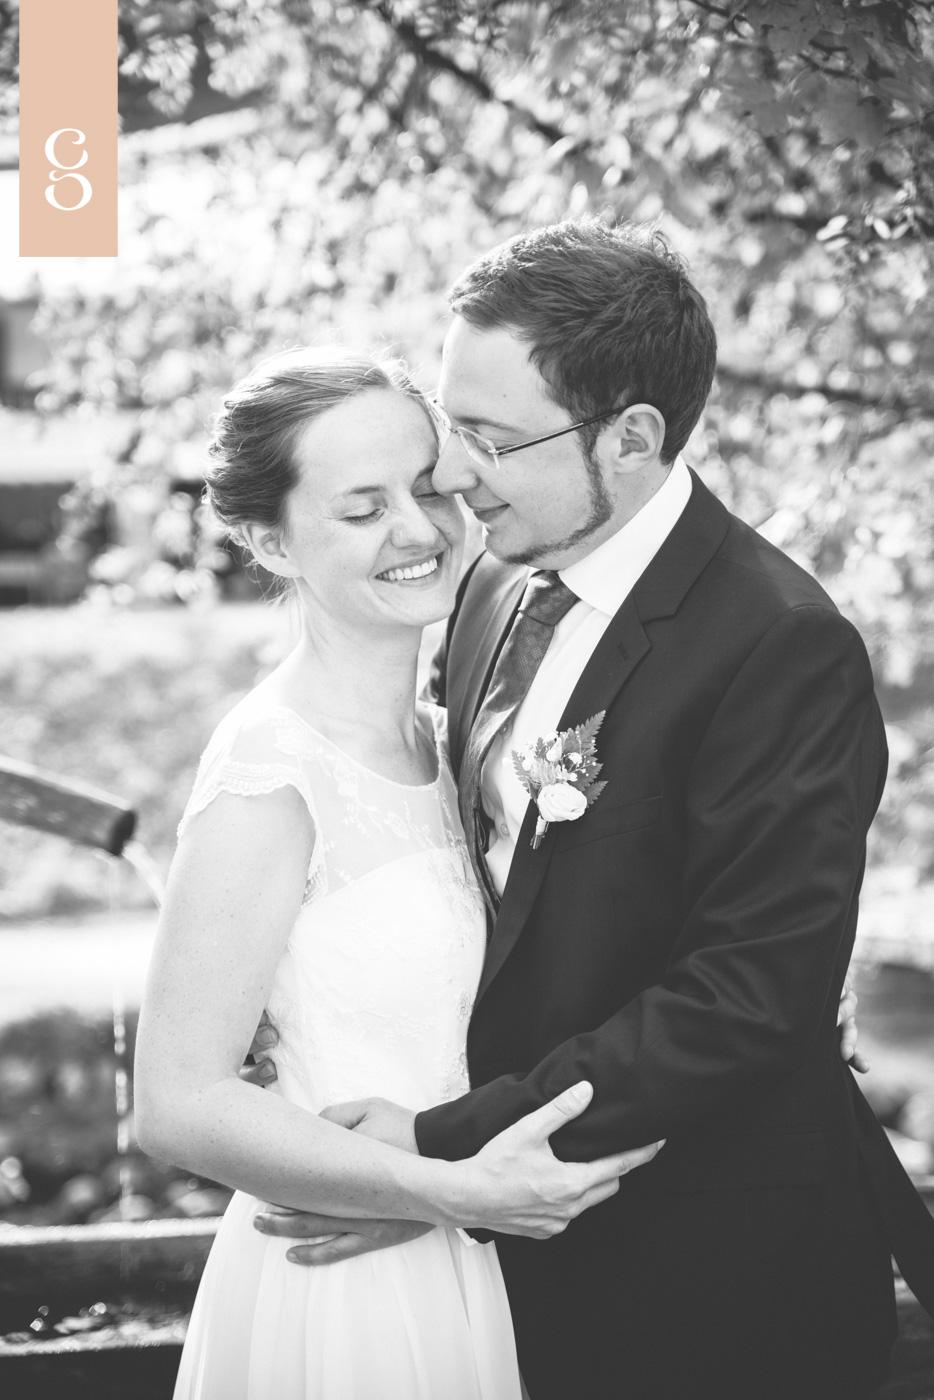 Fotograf_Goettges_Hochzeit_Wedding_Ramsau_Hintersee_Hirschbichl_Berchtesgaden_Hochzeitsfotograf-3